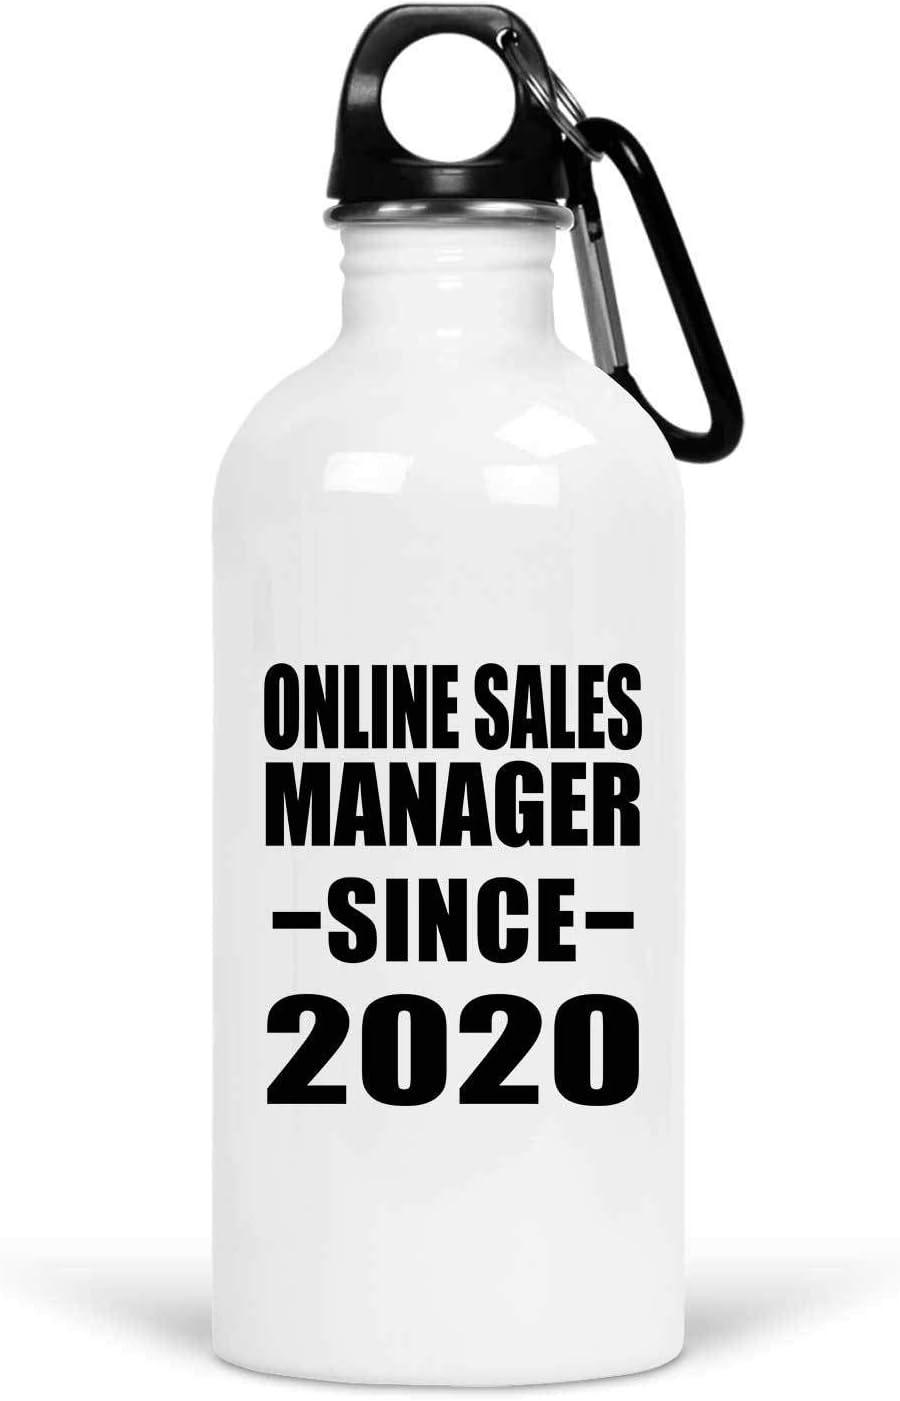 Designsify Online Sales Manager Since 2020-20oz Water Bottle Botella de Agua, Acero Inoxidable - Regalo para Cumpleaños Aniversario el Día de la Madre o del Padre